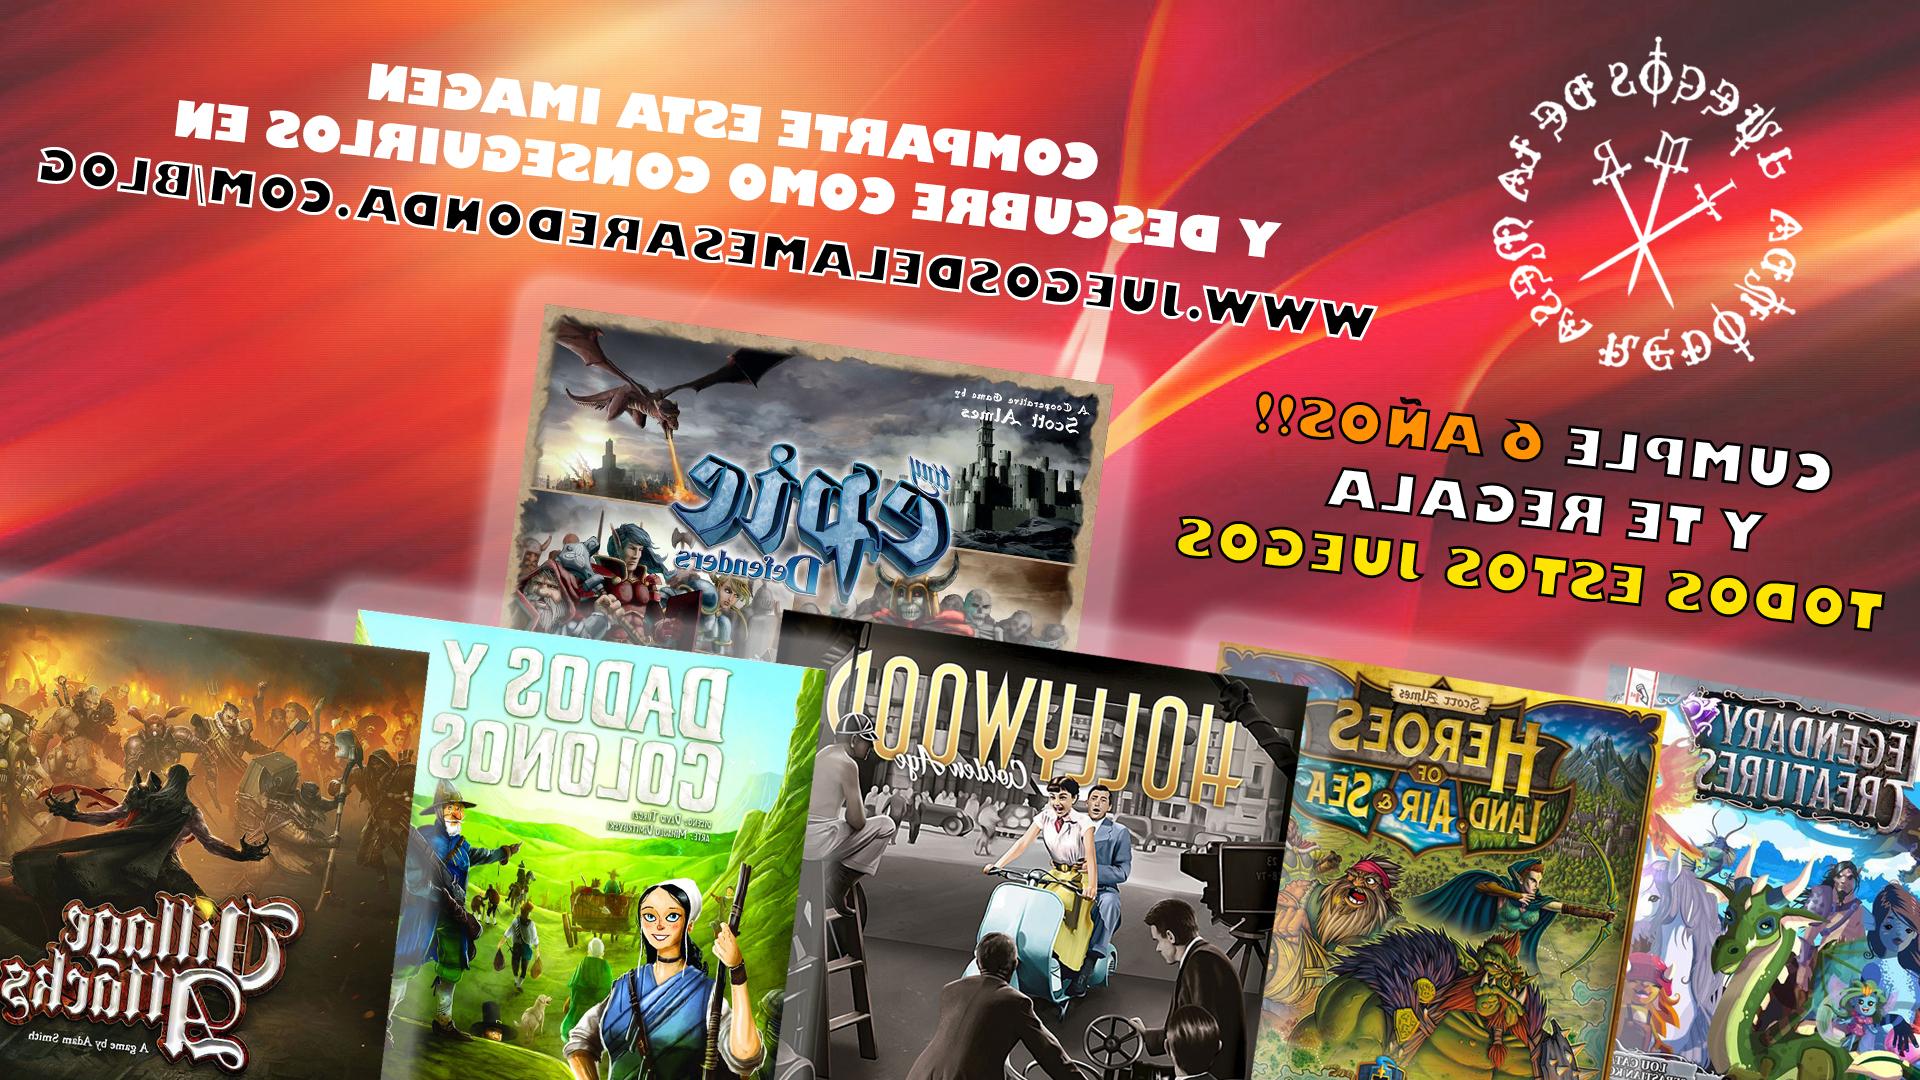 Juegos De La Mesa Redonda 9ddf Juegos De La Mesa Redonda Cumple 6 Aà Os Y Regalamos 6 Juegos De Mesa